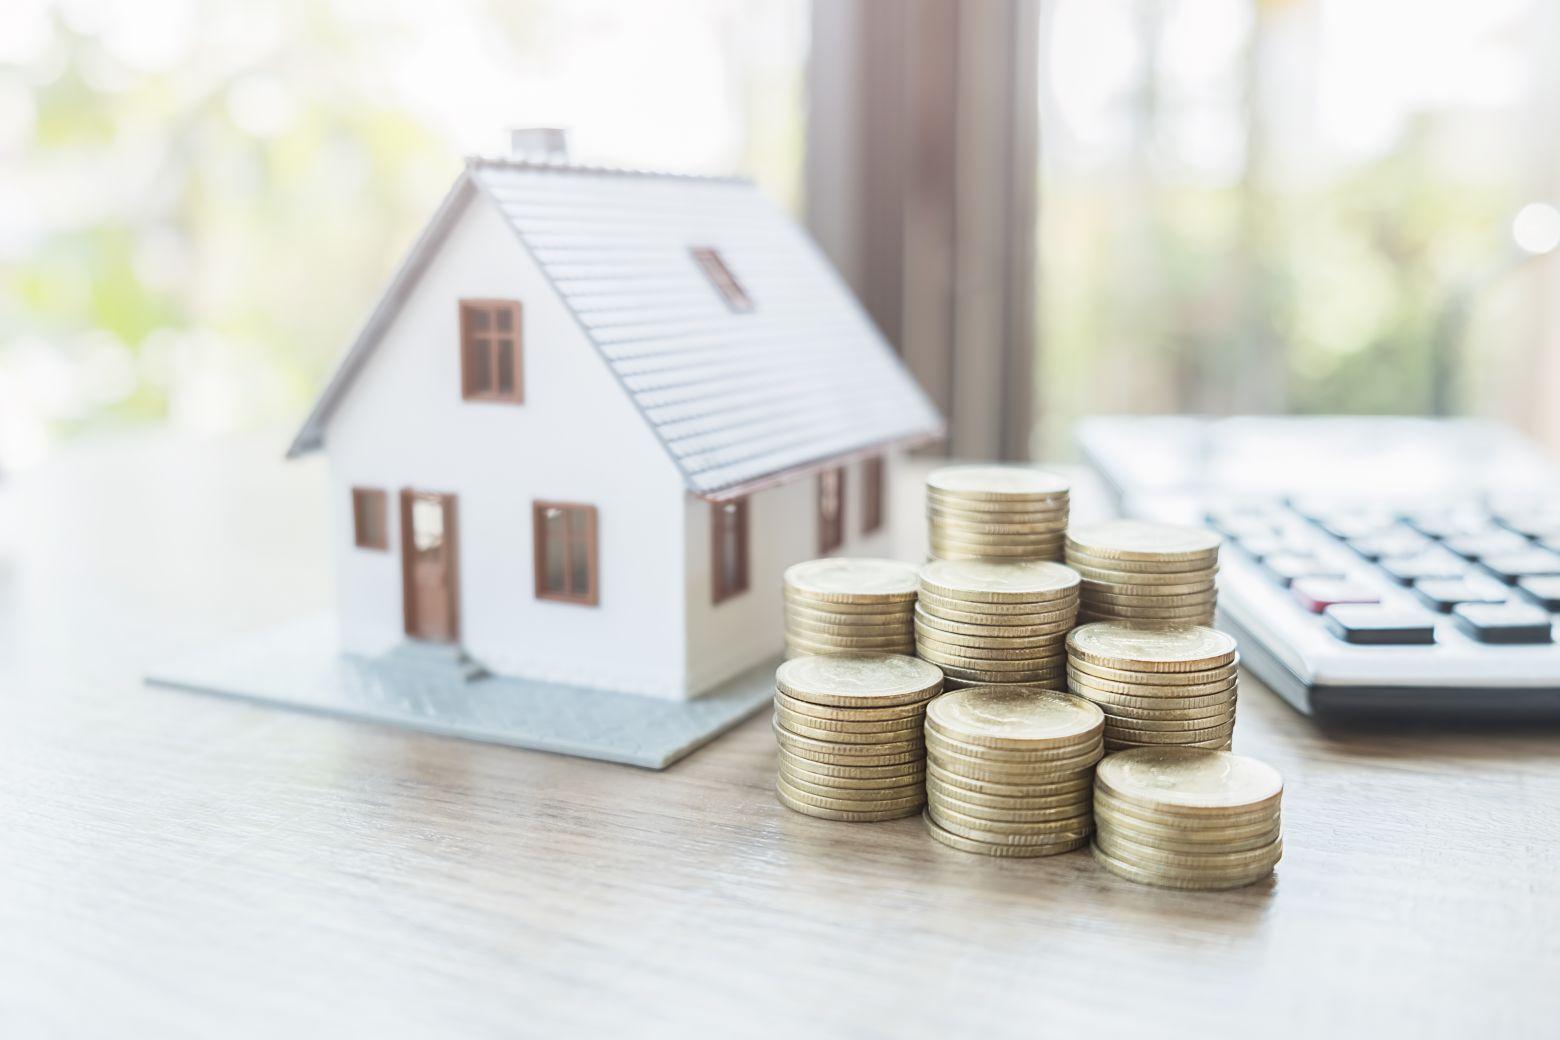 hypotheque varennes